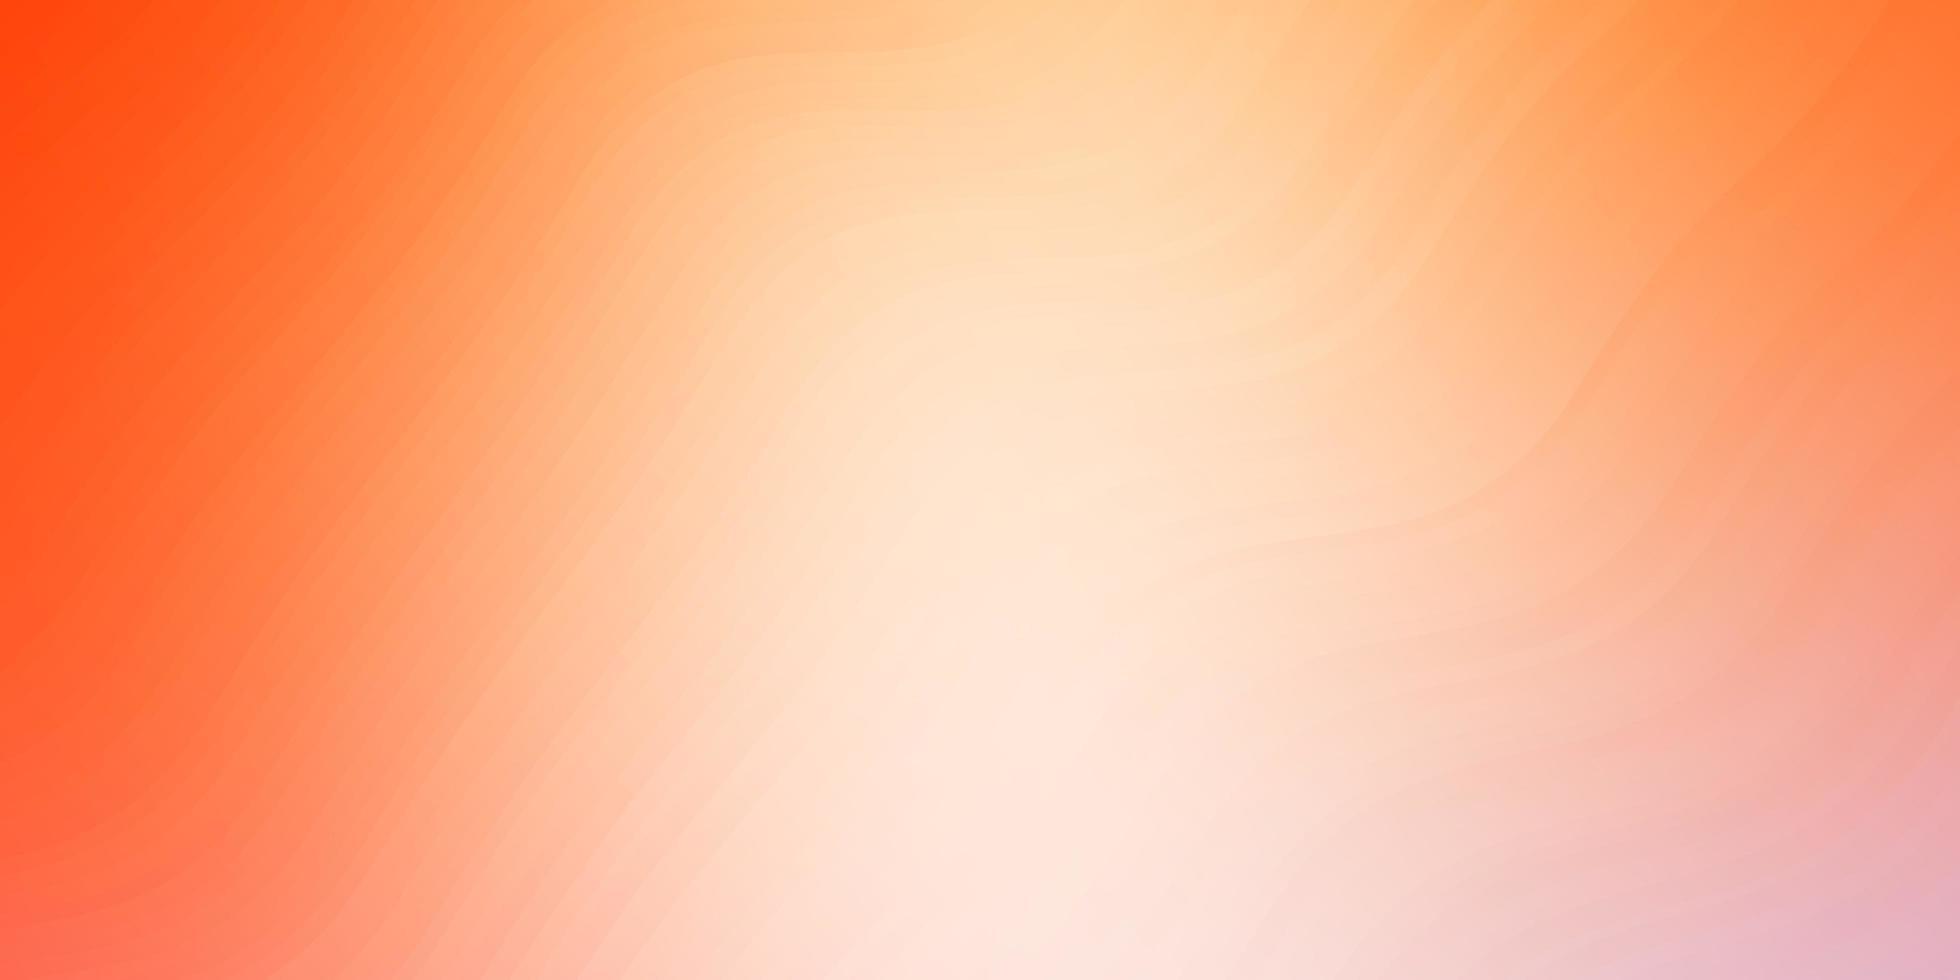 disposition de vecteur orange clair avec des courbes.